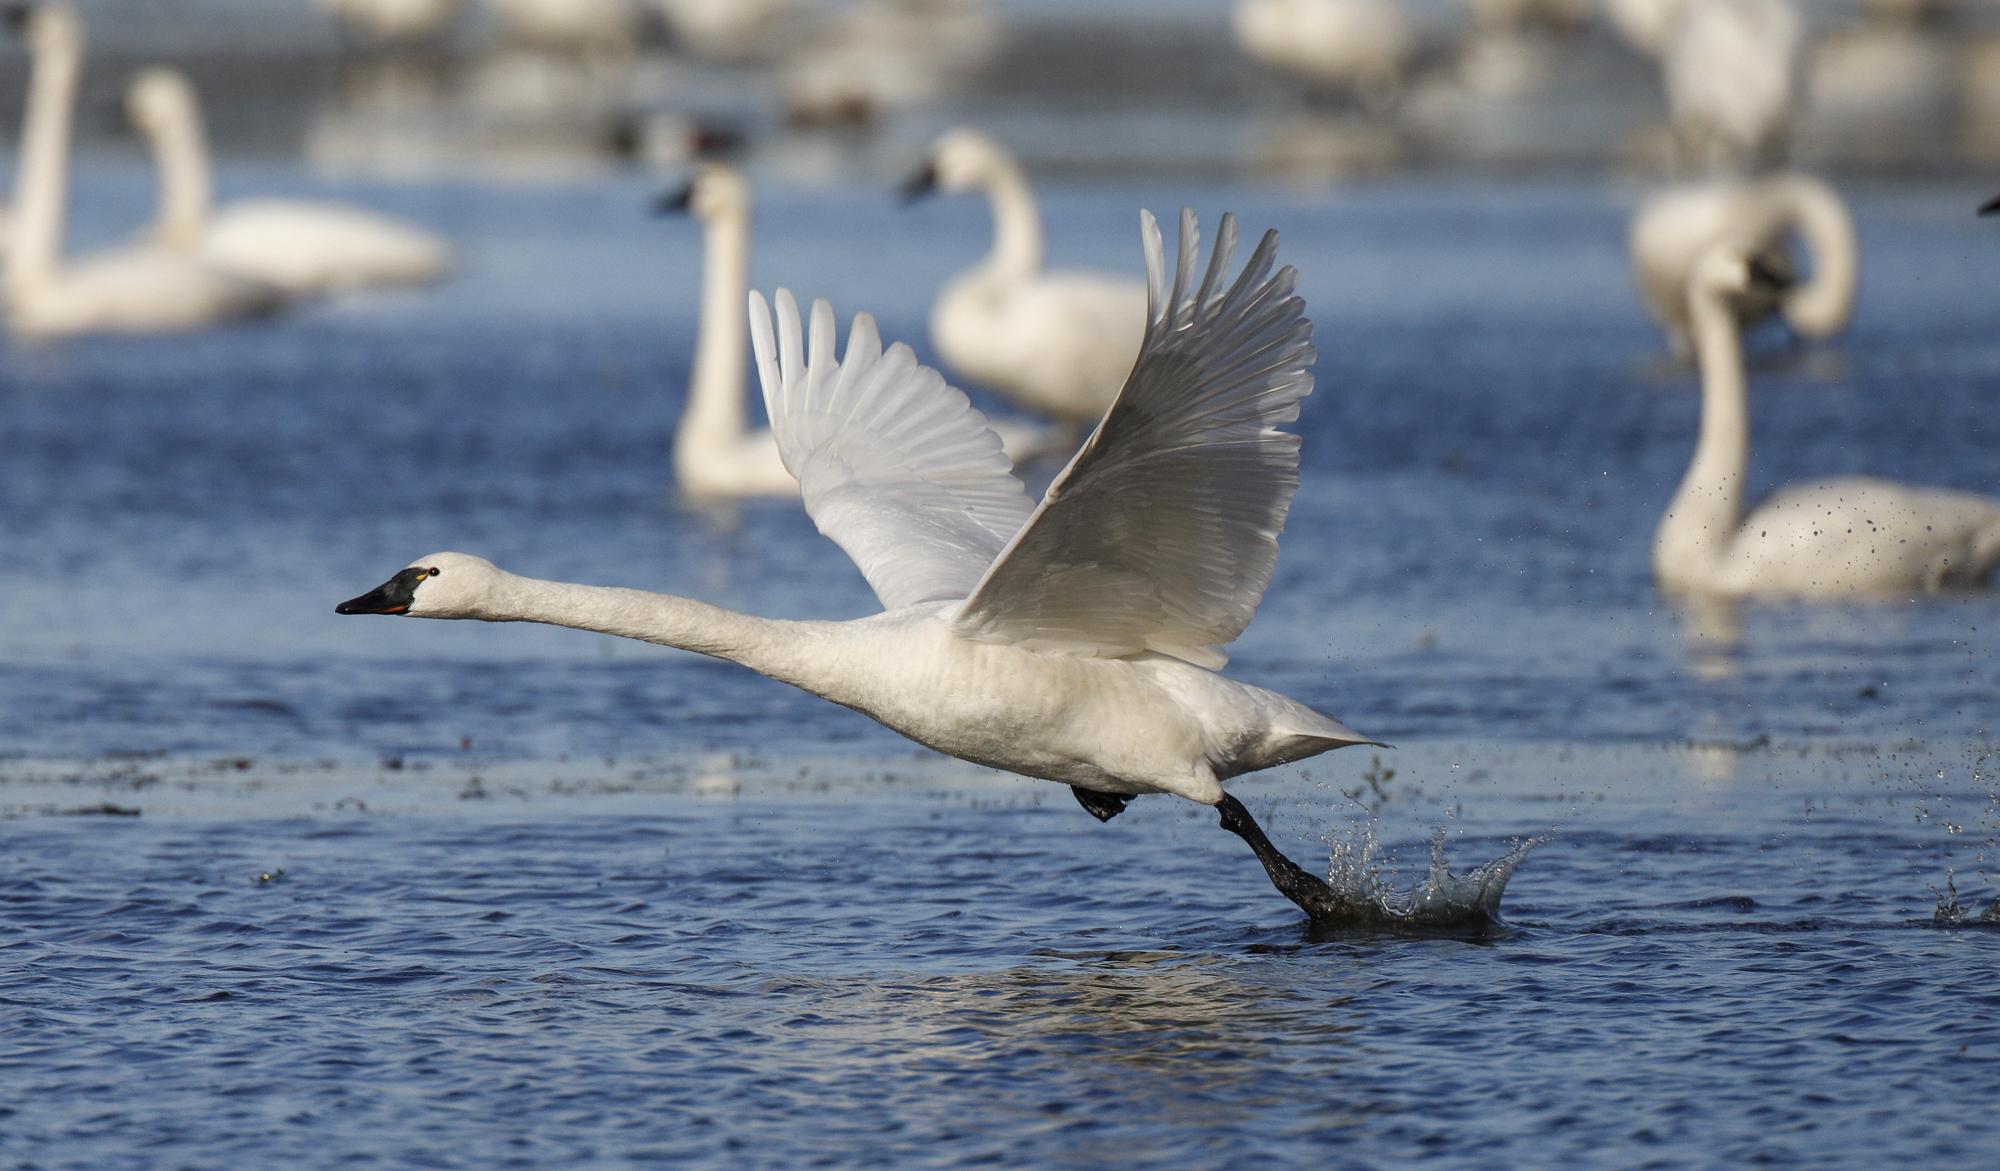 Swan running to take off